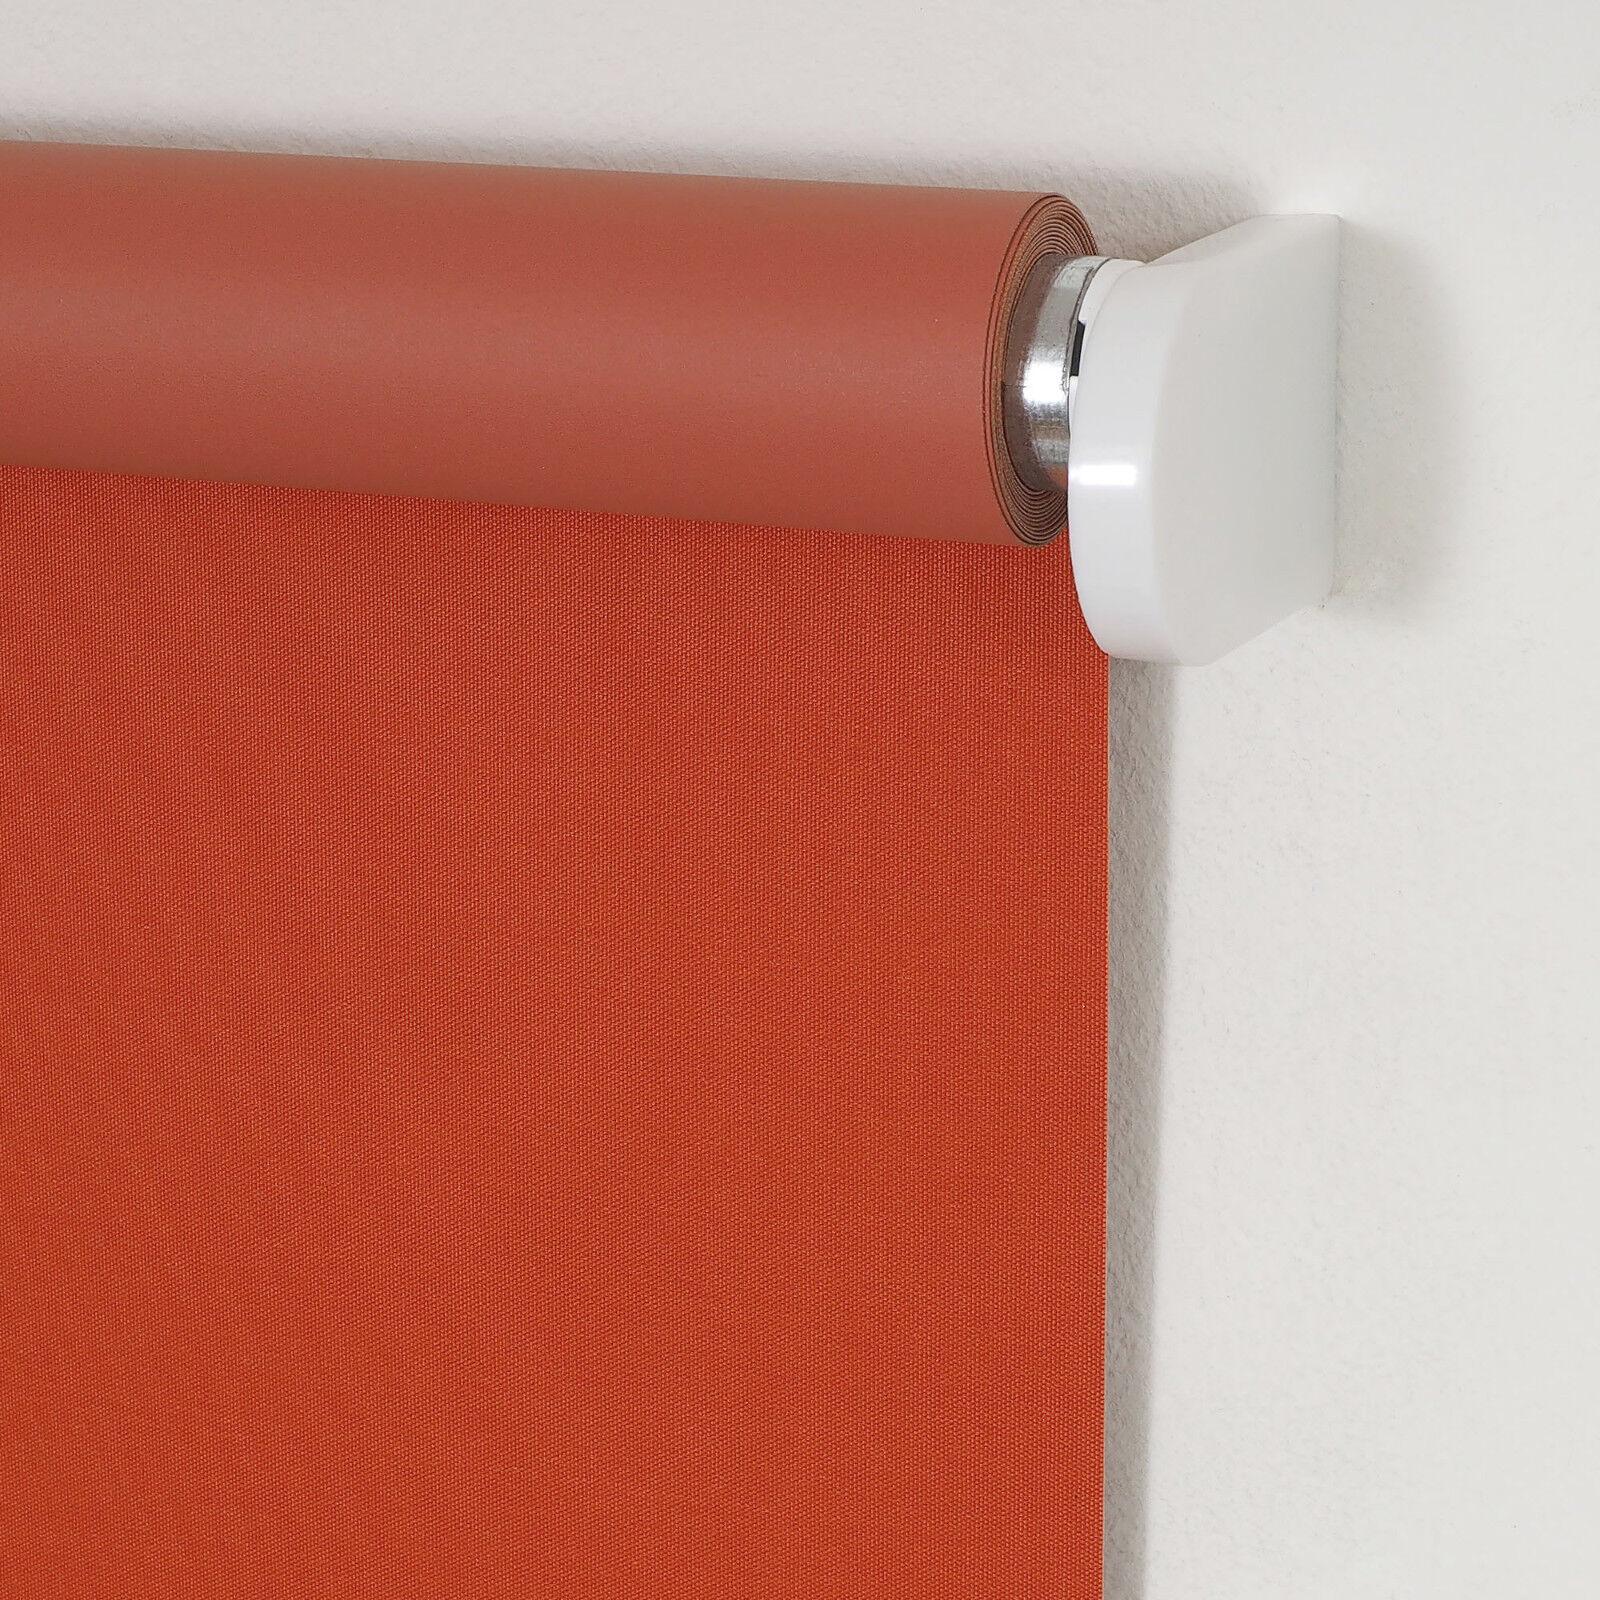 Springrollo Verdunkelungsrollo Fenster Rollo Mittelzug Schnapprollo Terracotta | Qualität Qualität Qualität und Verbraucher an erster Stelle  f14aac